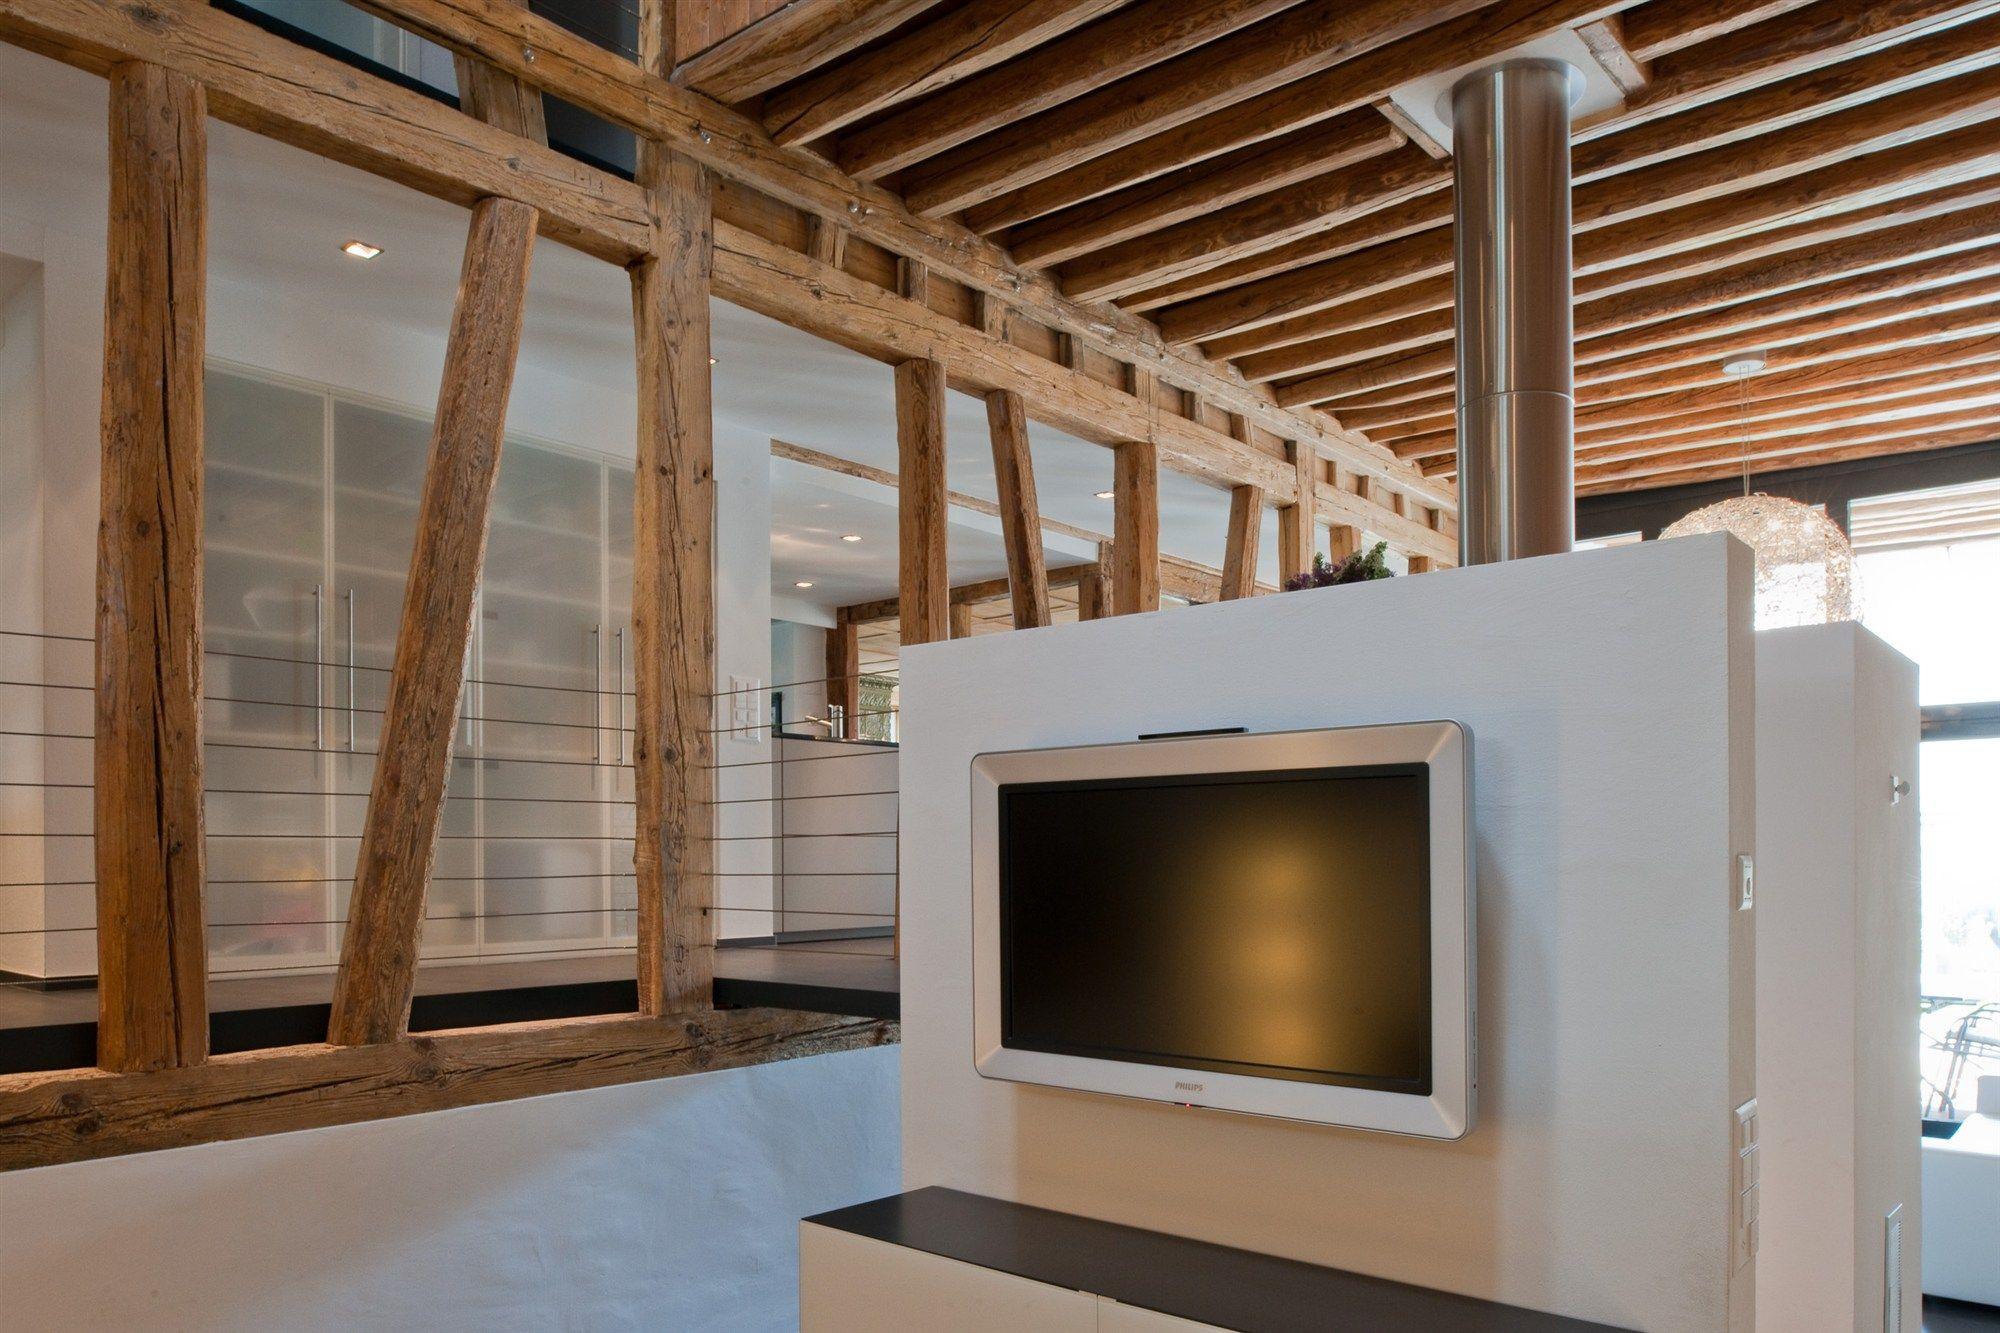 bauernhaus modern umbauen wohn design. Black Bedroom Furniture Sets. Home Design Ideas